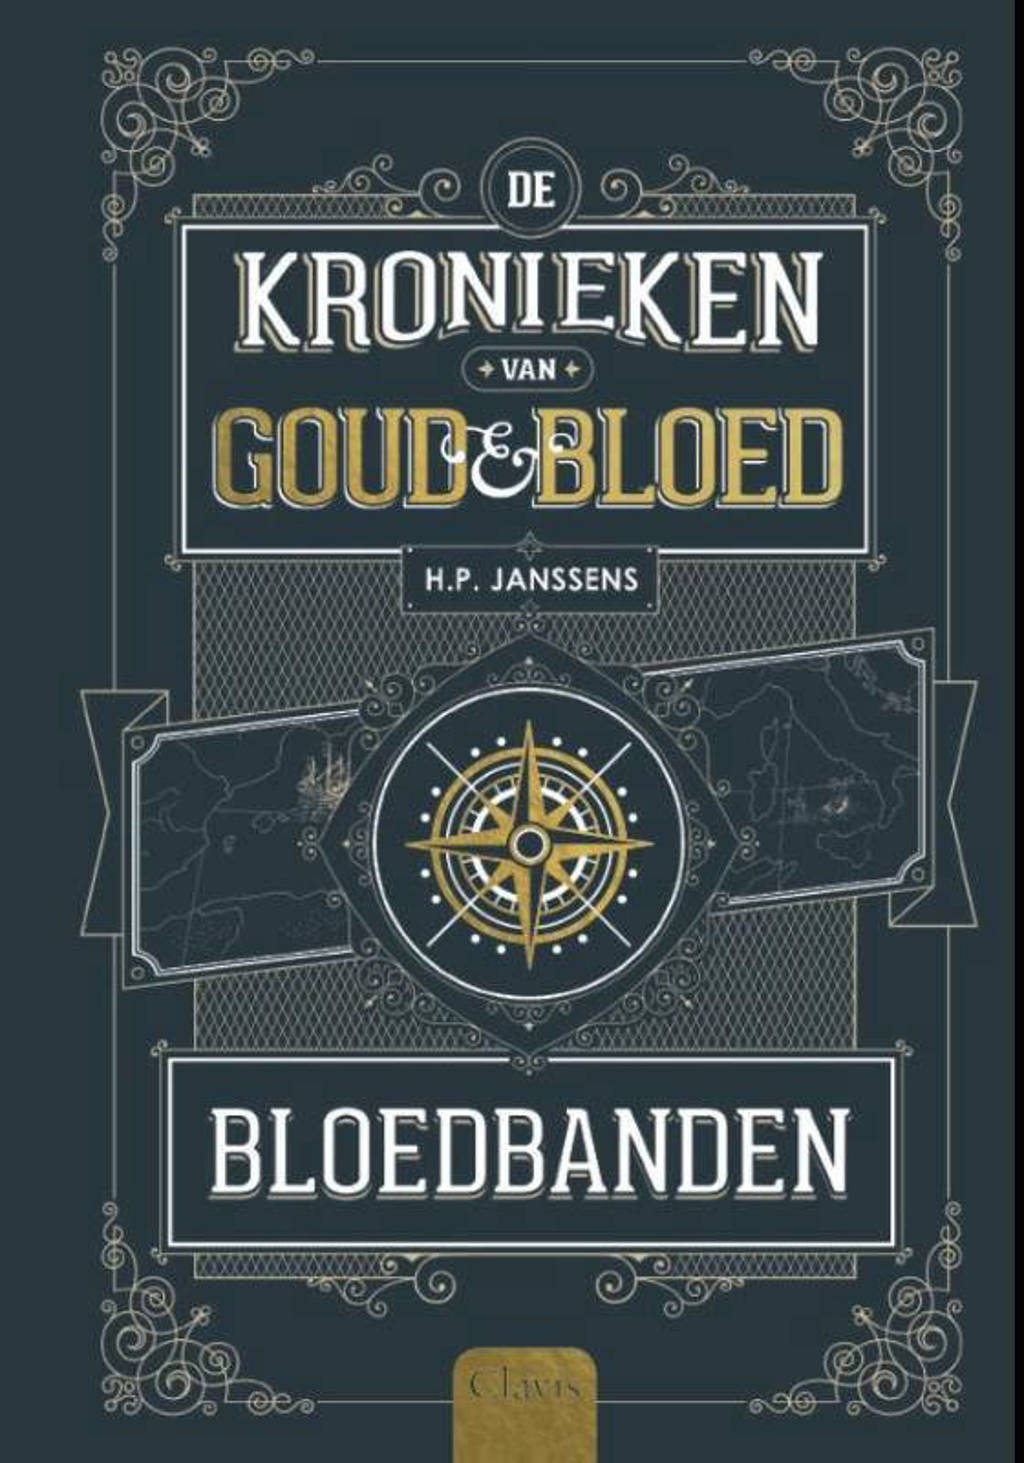 Kronieken van goud en bloed: Bloedbanden - H.P. Janssens